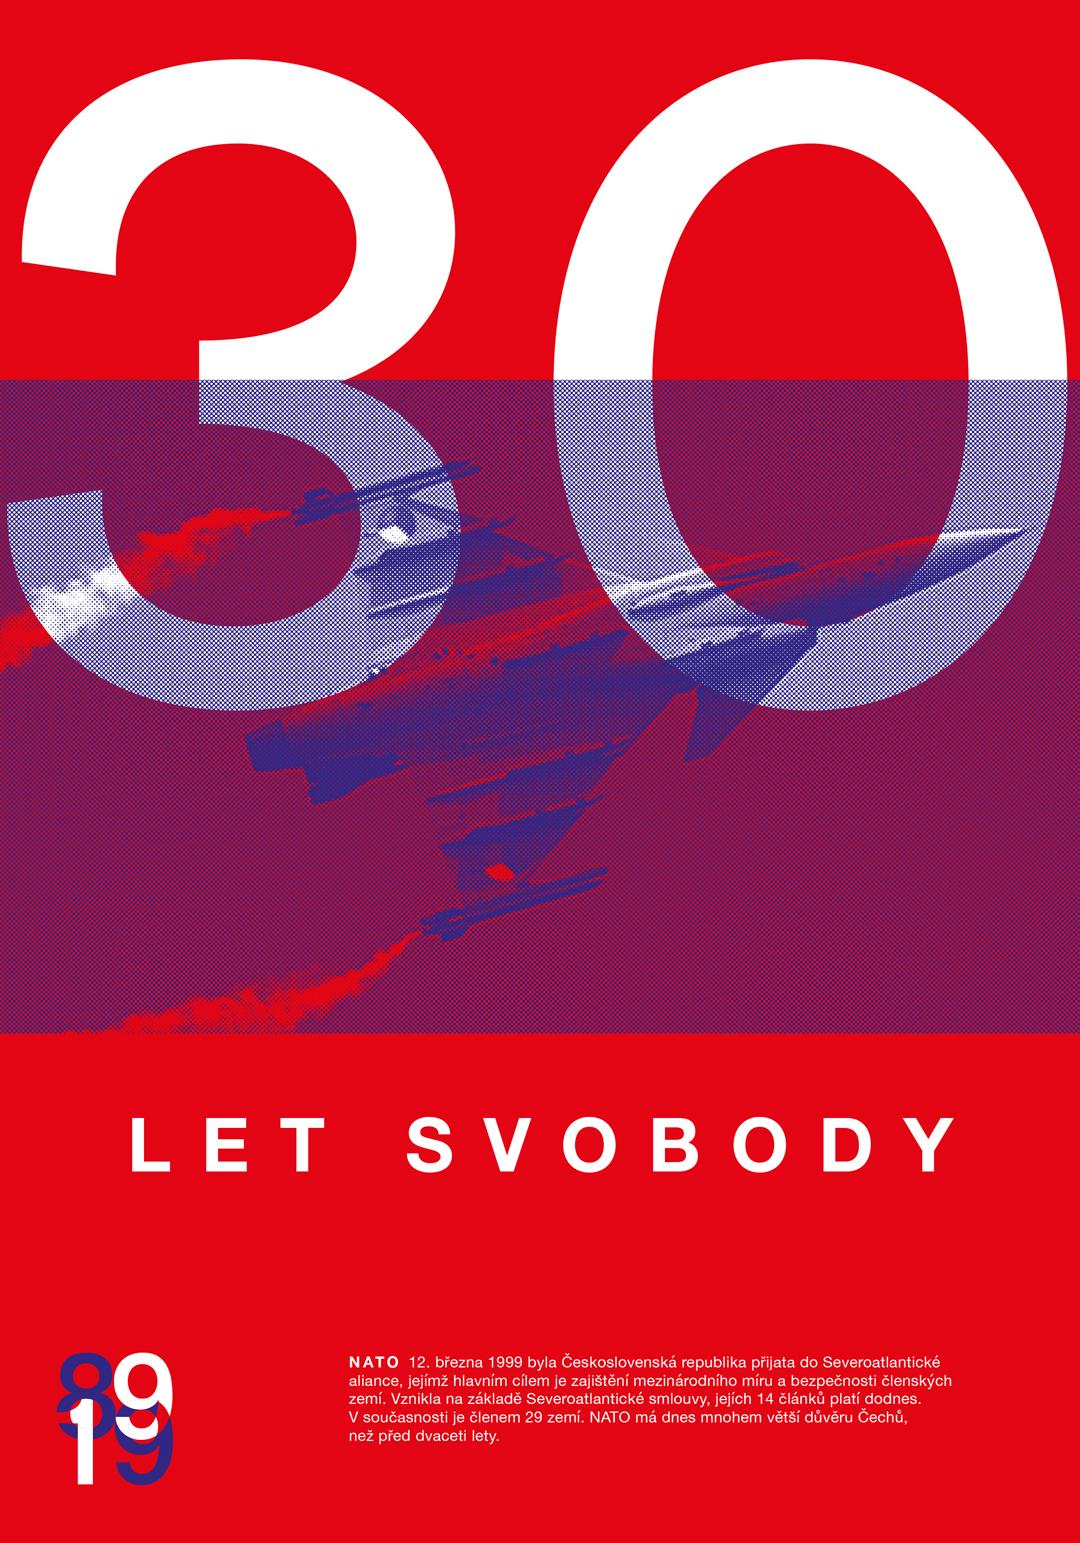 30 let svobody<br> soubor plakátů   maturitní práce<br> 2019   4. ročník